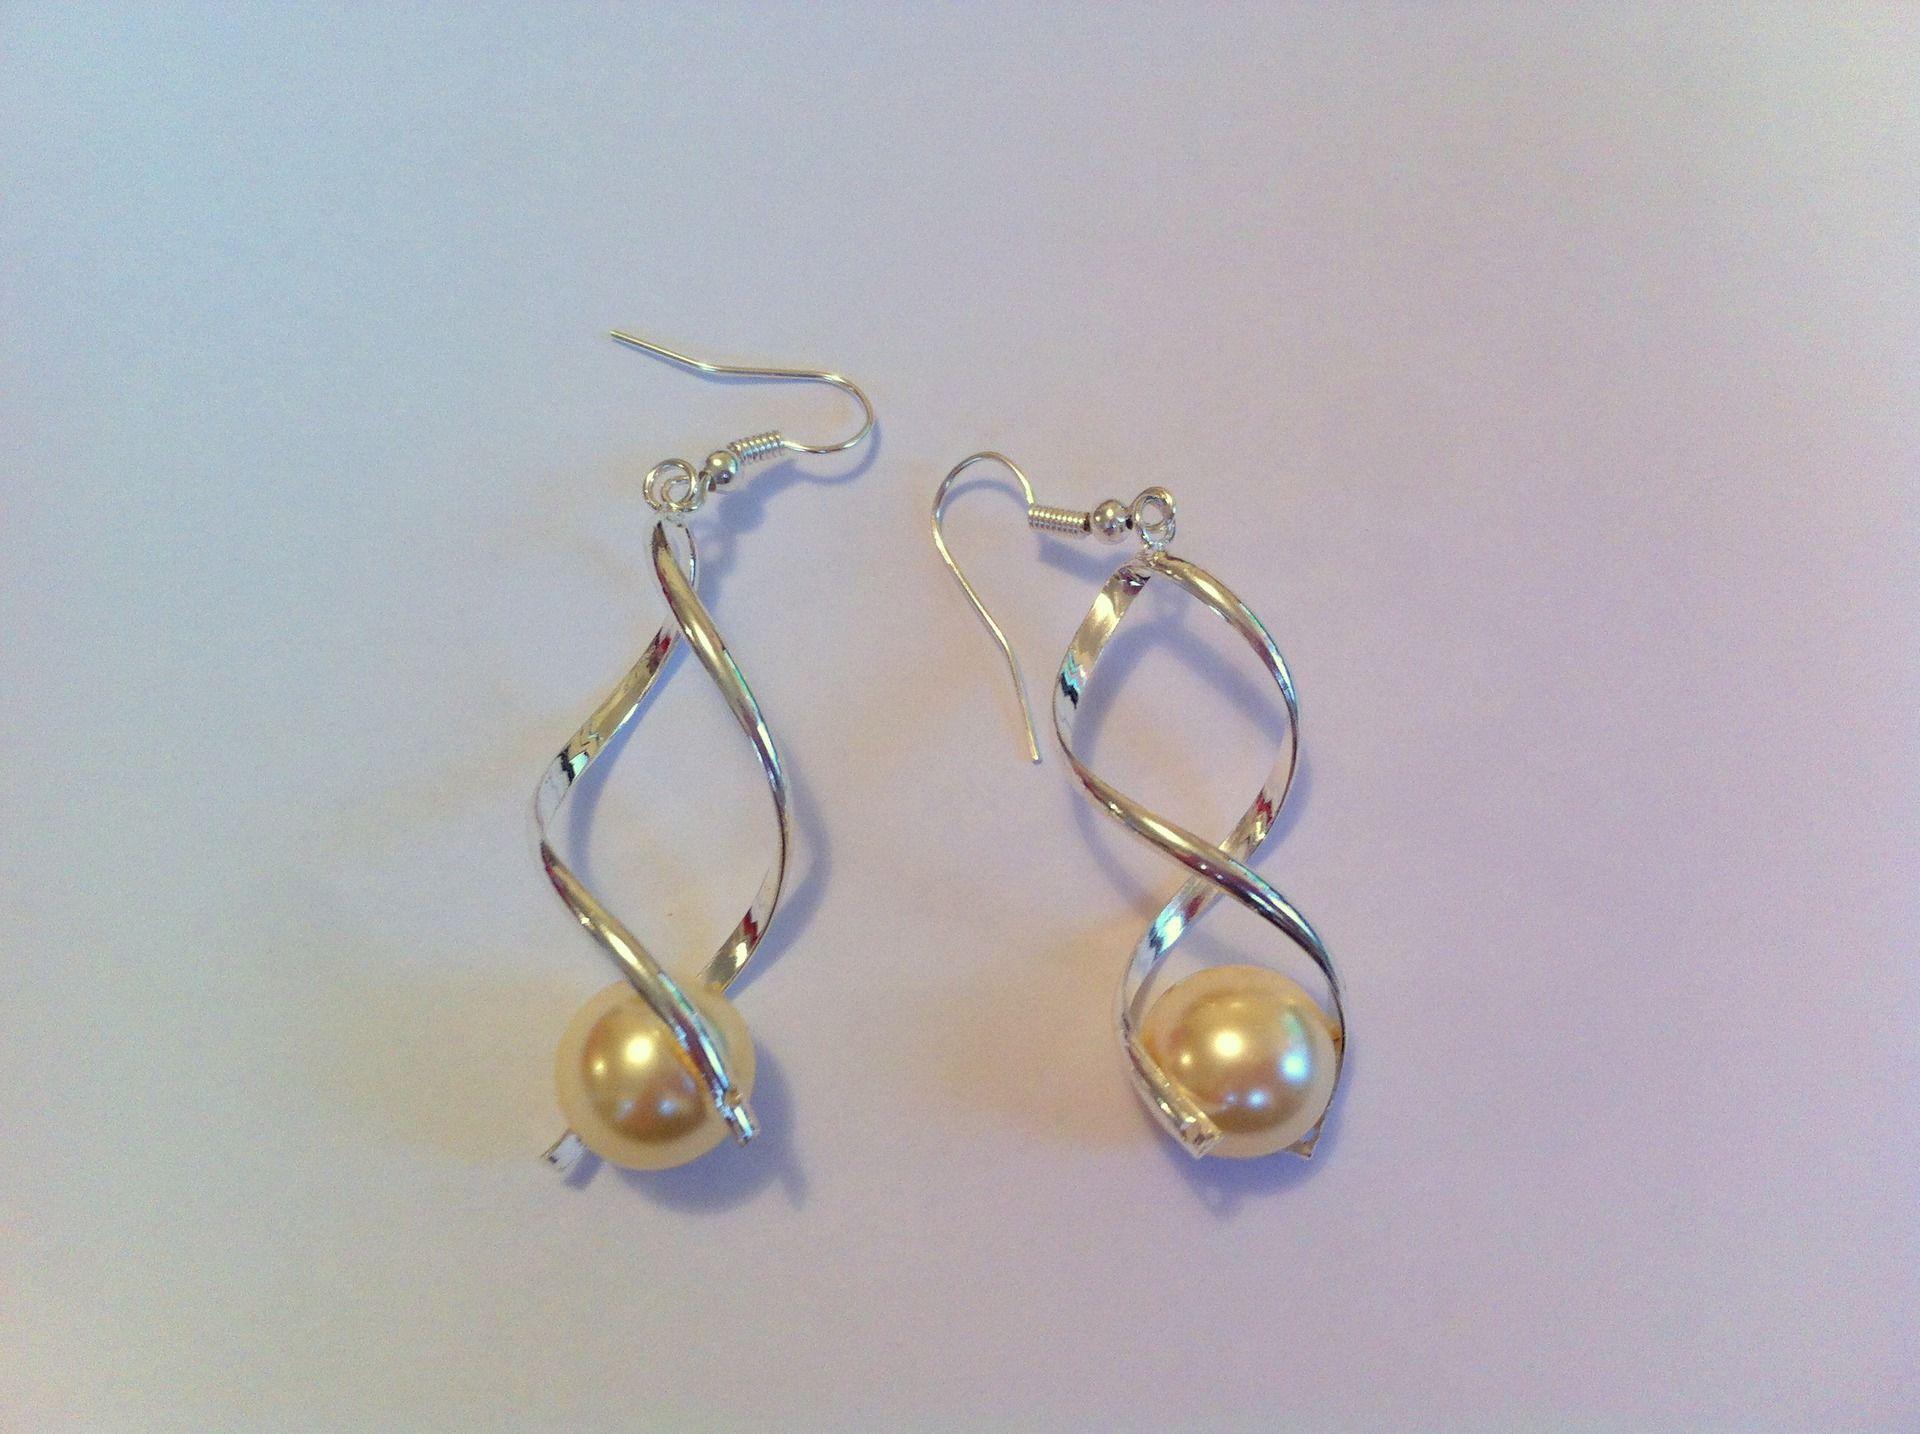 boucles d'oreille acier chirurgical , spirale avec perles en verre nacrée crème : Boucles d'oreille par nessymatriochka